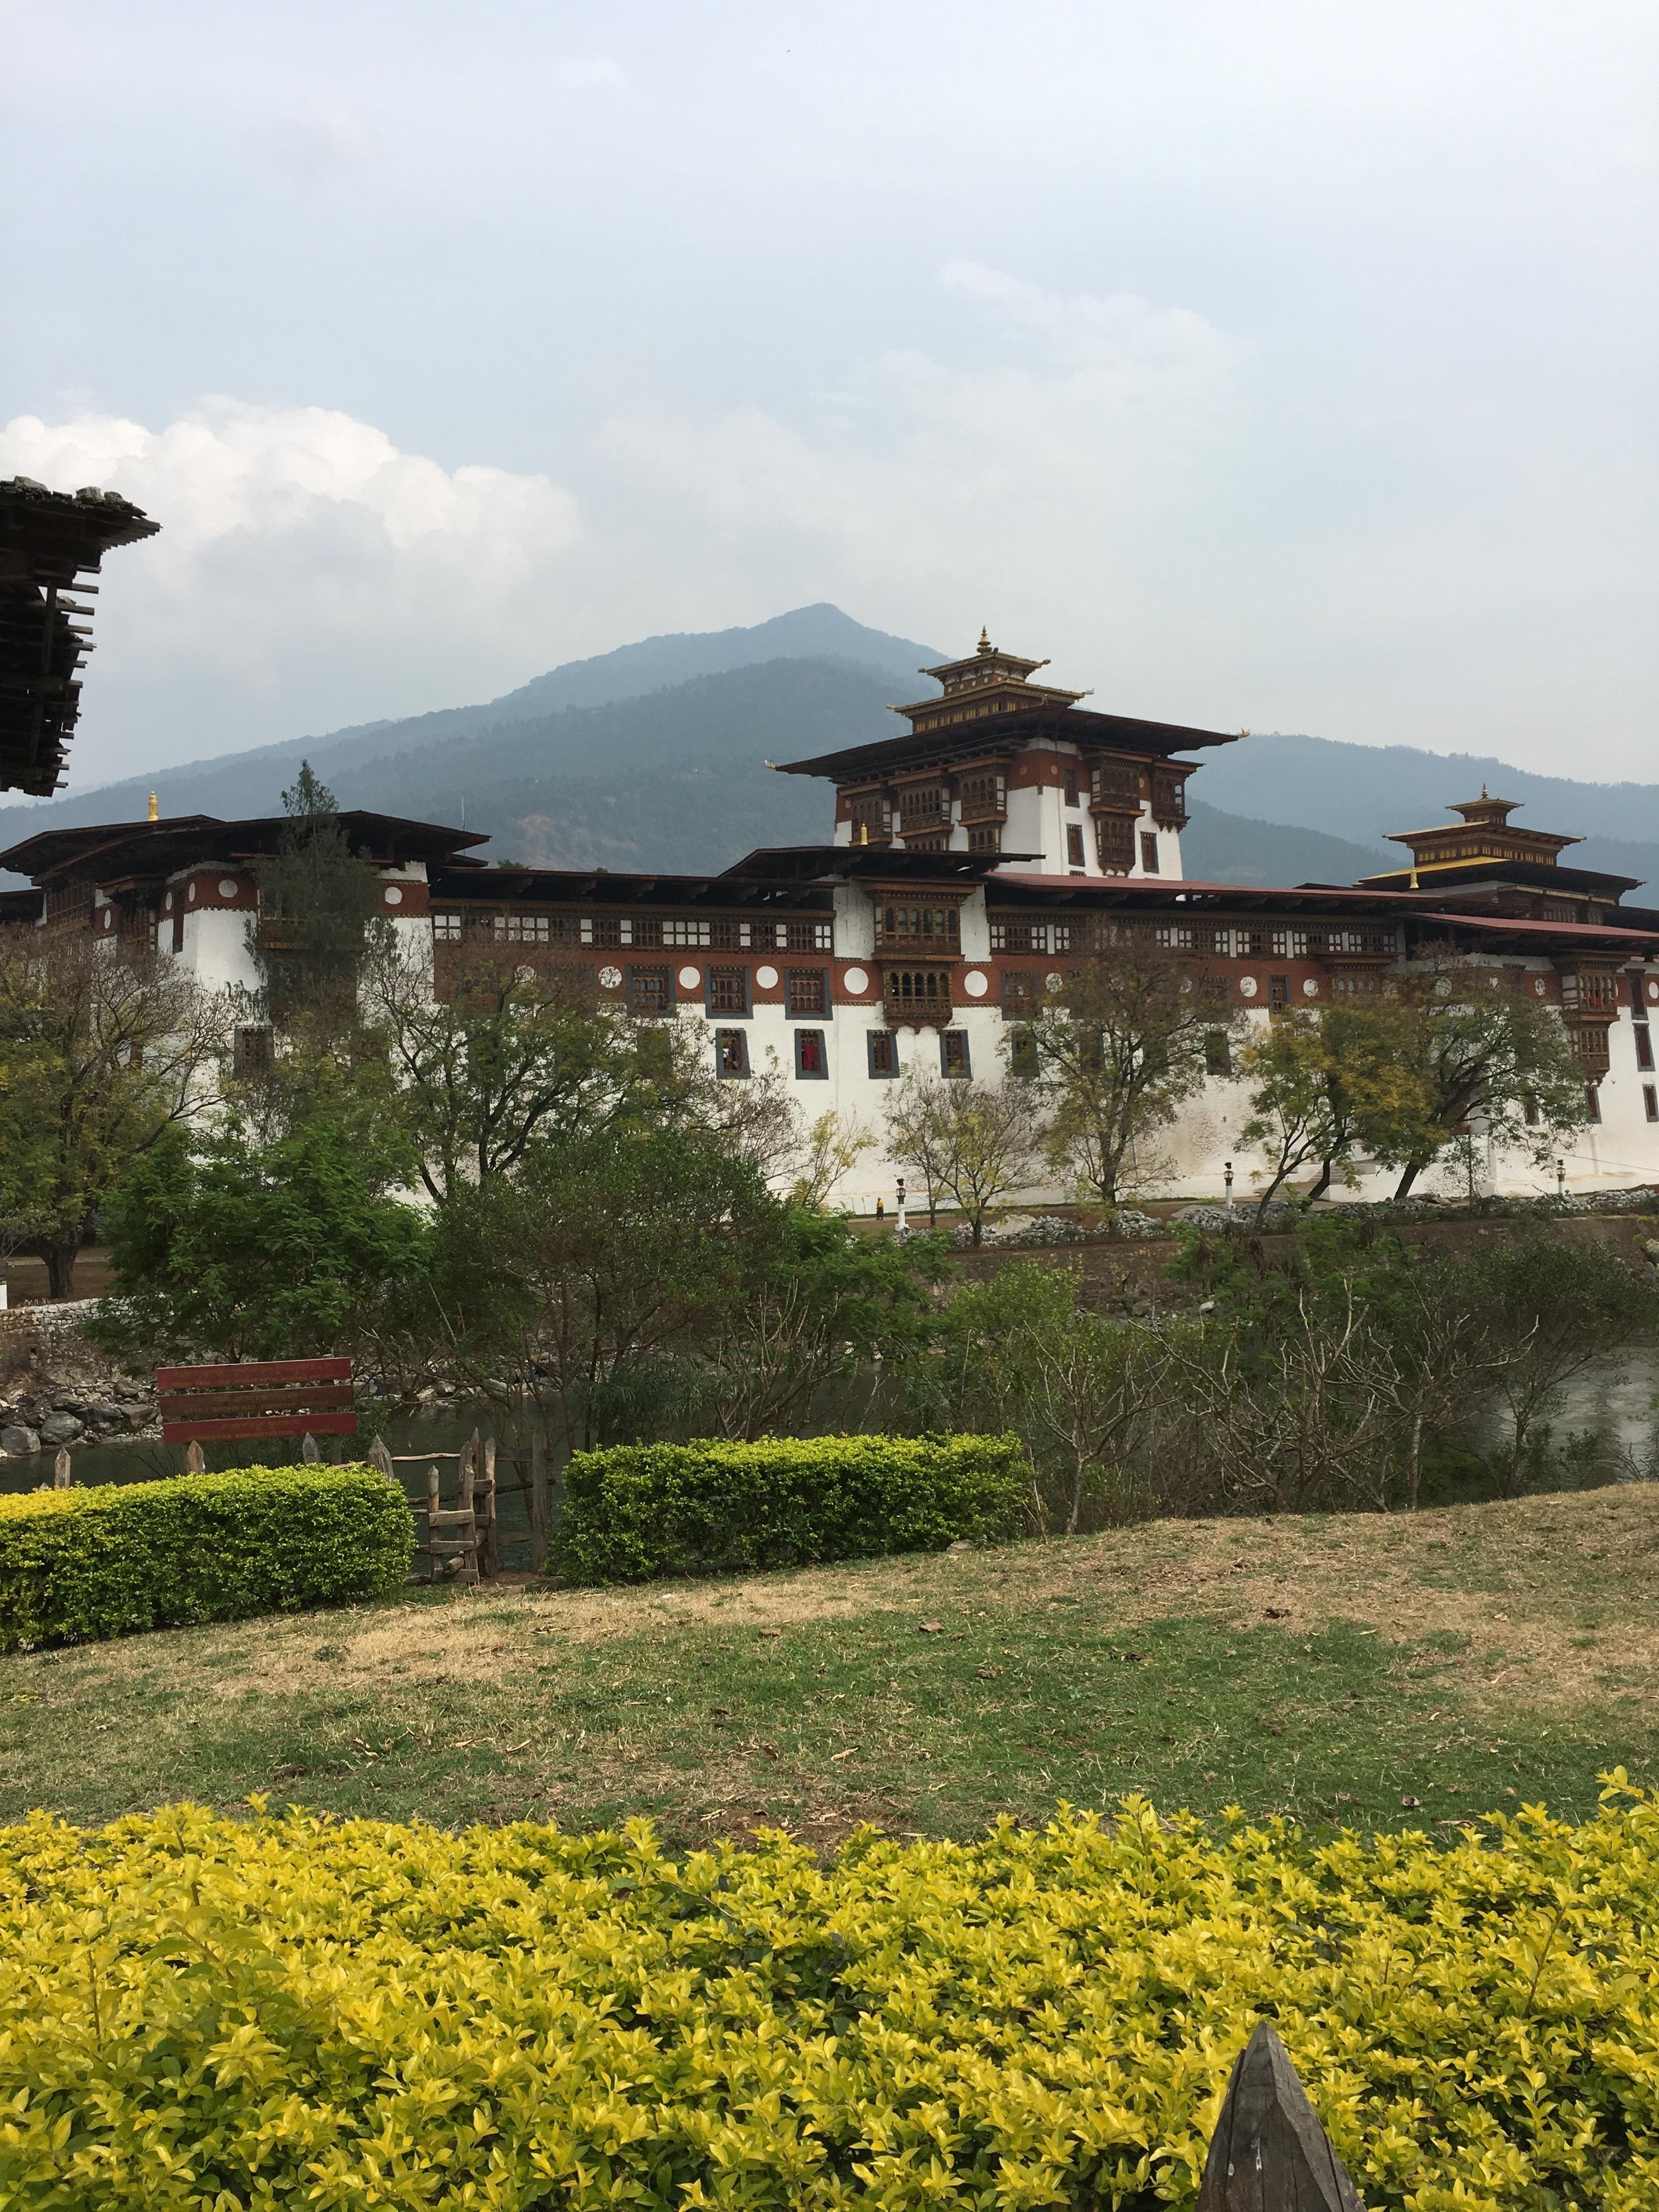 Punnakha Dzong